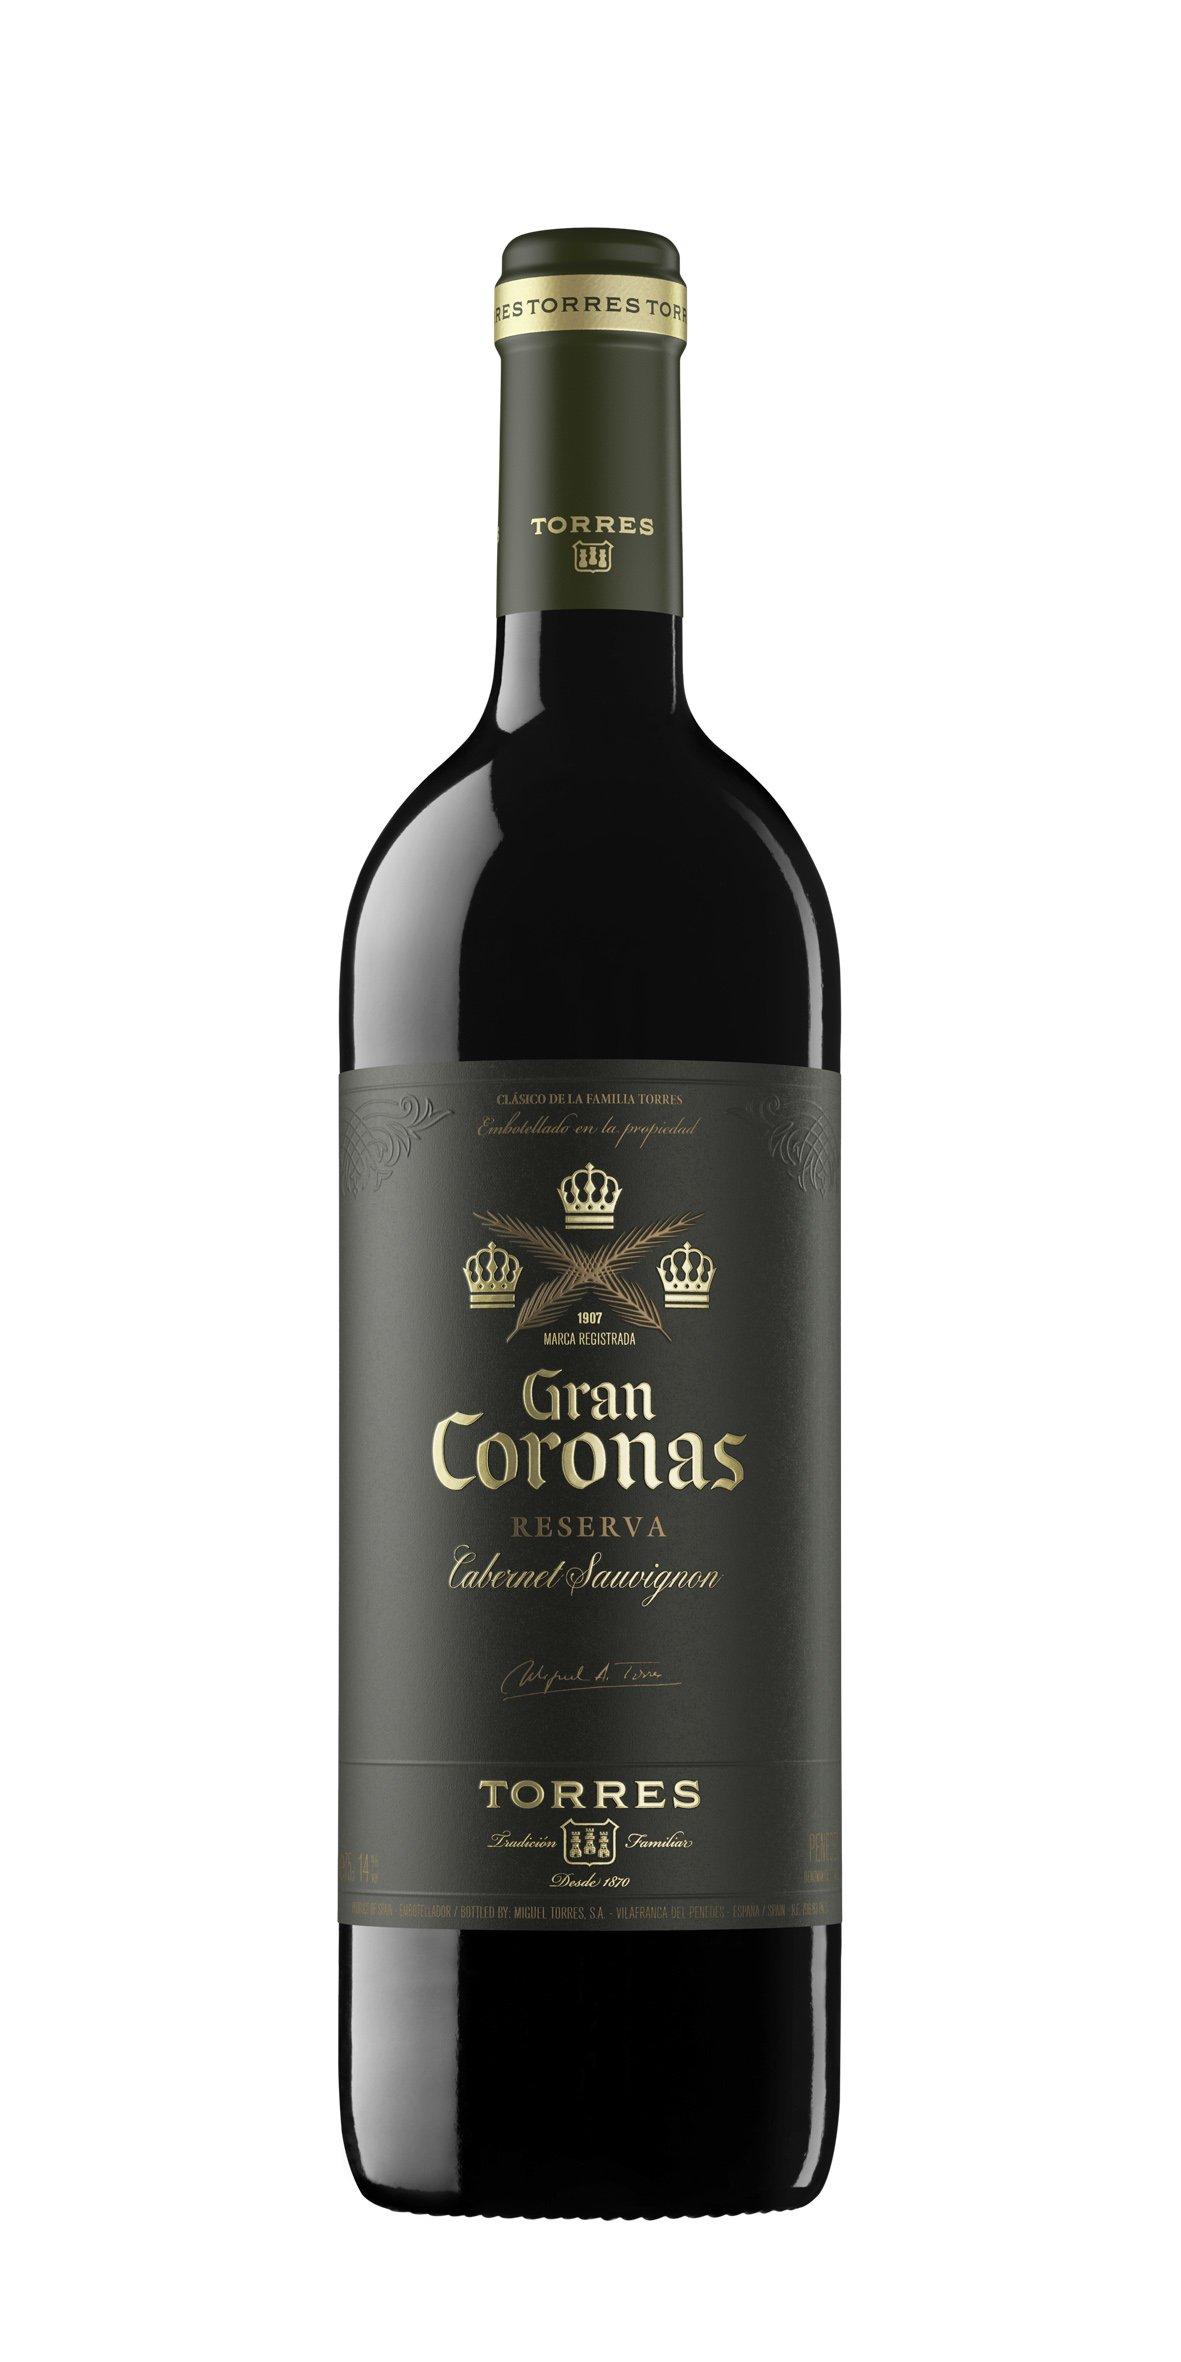 Miguel-Torres-Gran-Coronas-Cabernet-Sauvignon-2012-Trocken-3-x-075-l